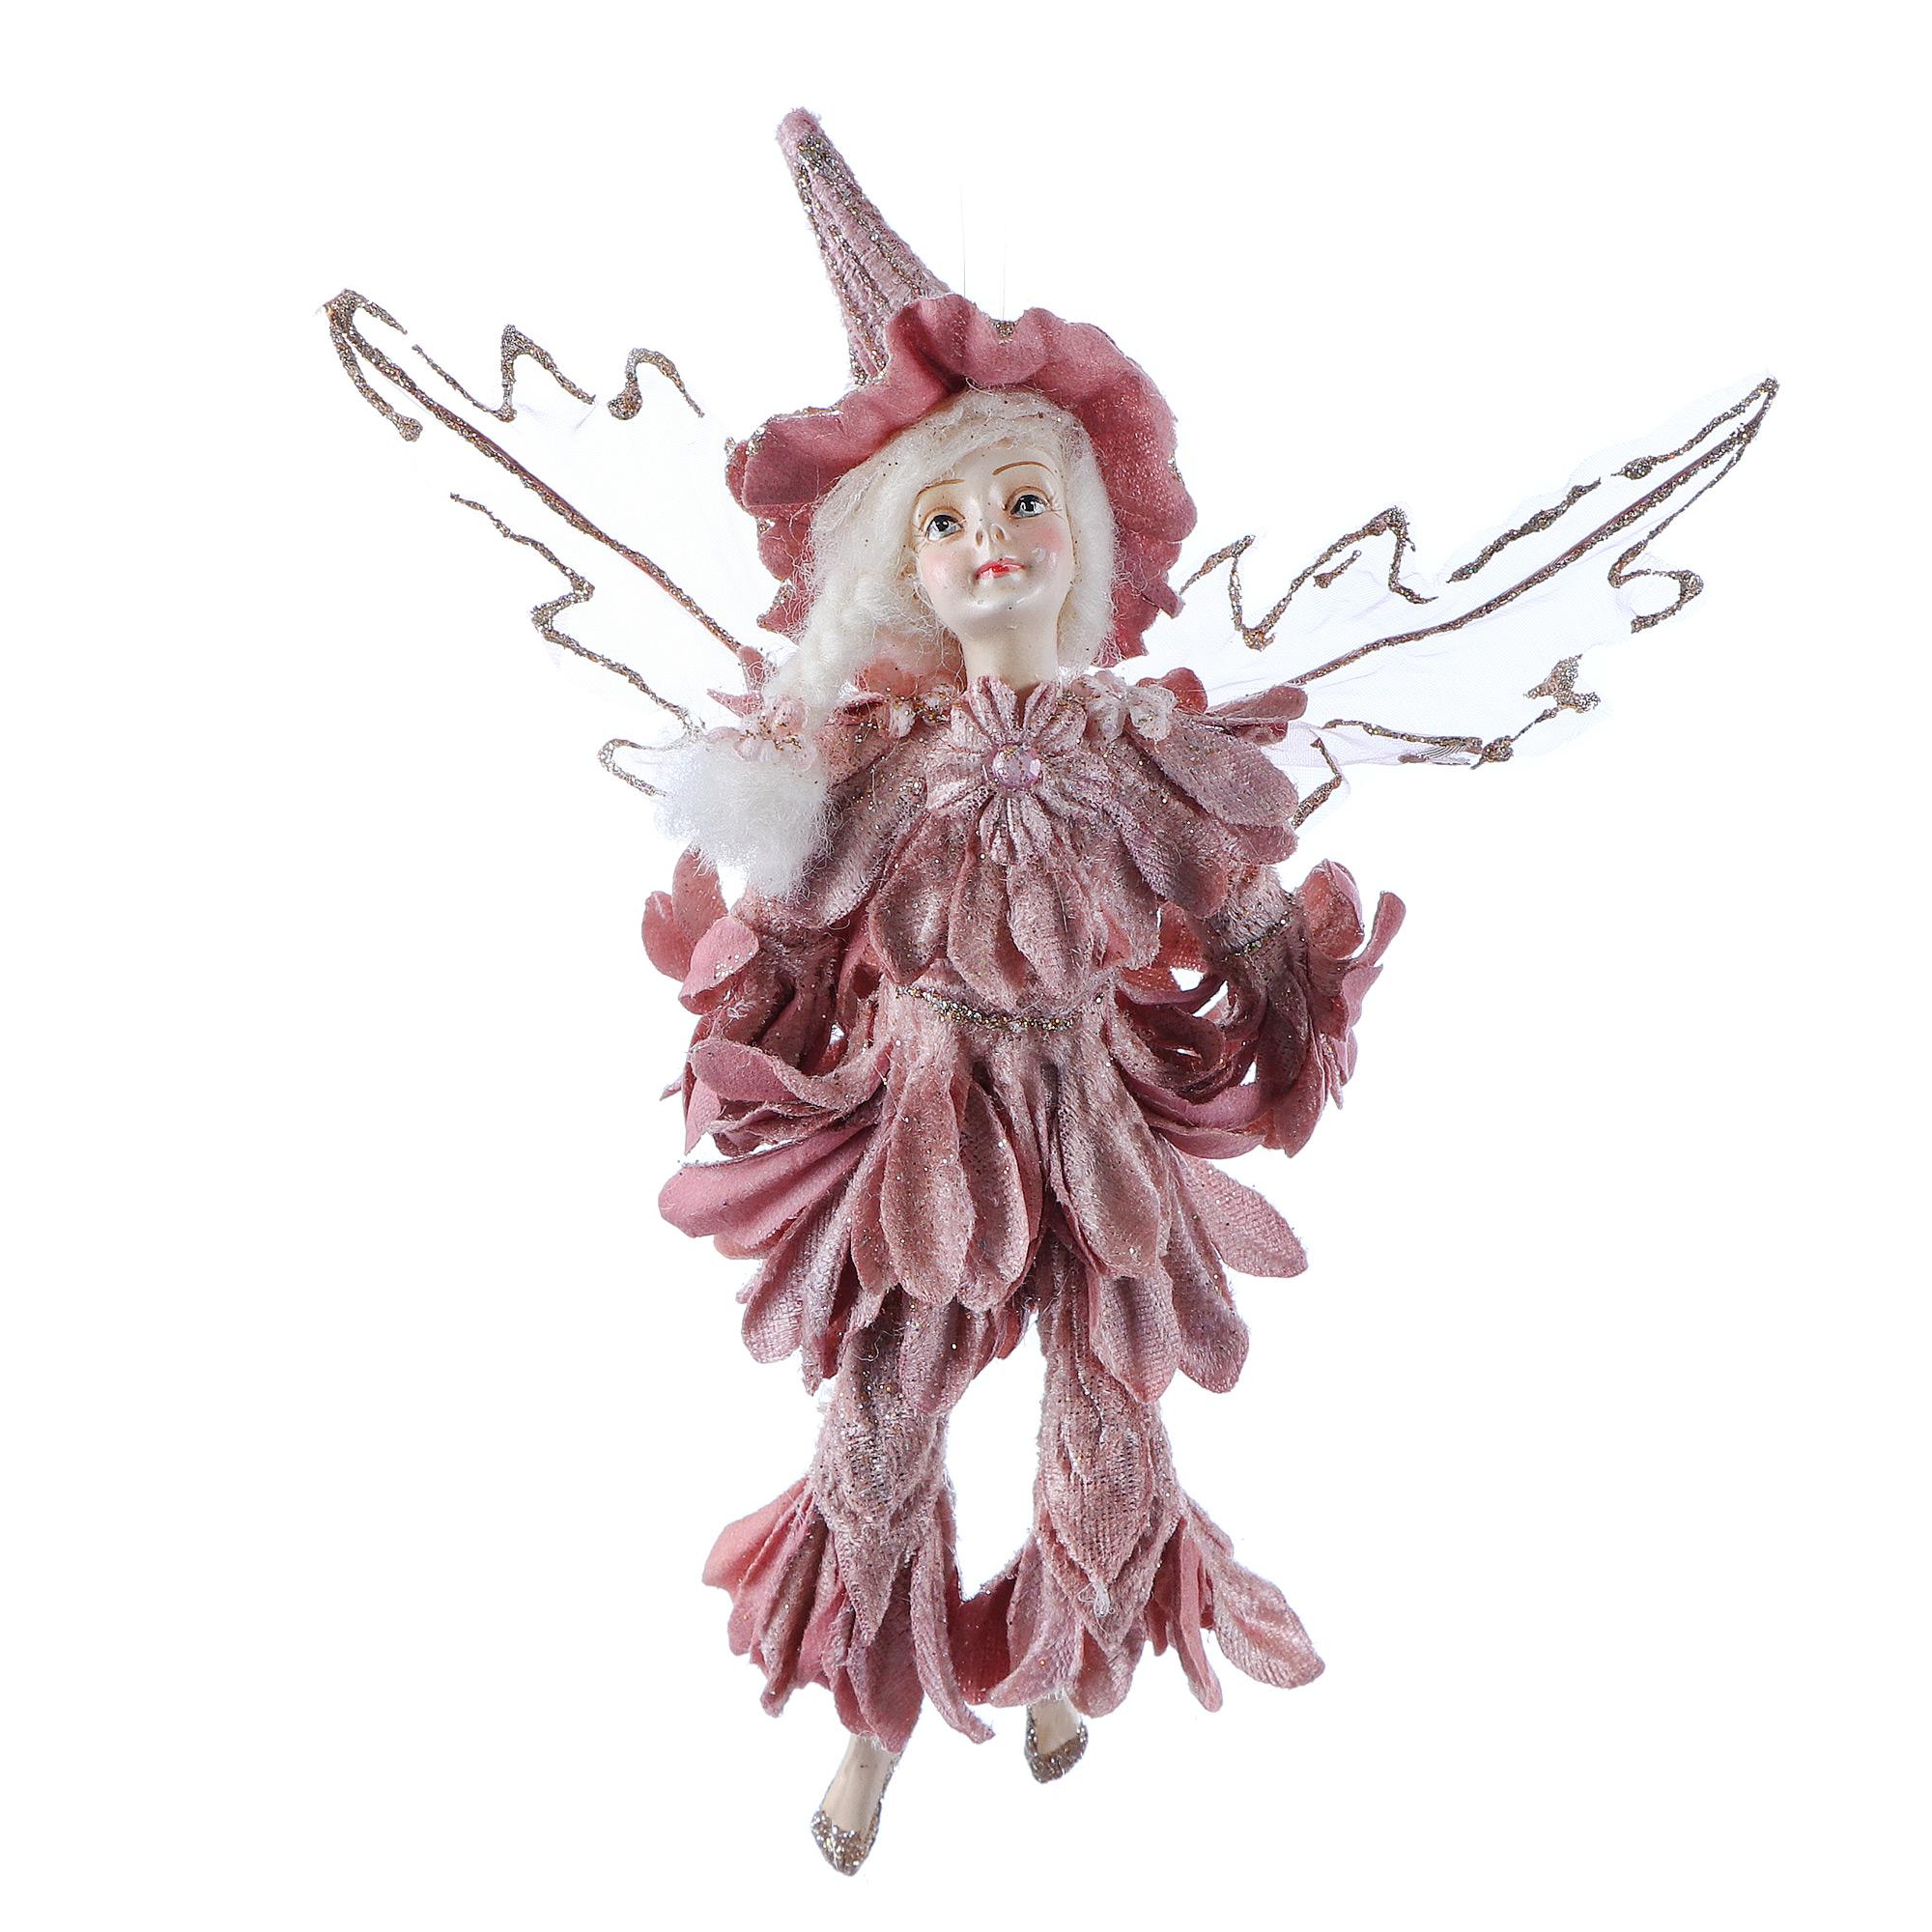 Купить Подвеска Edelman ny фея фиолетовая/розовая в ассортименте, Игрушка елочная, полирезина